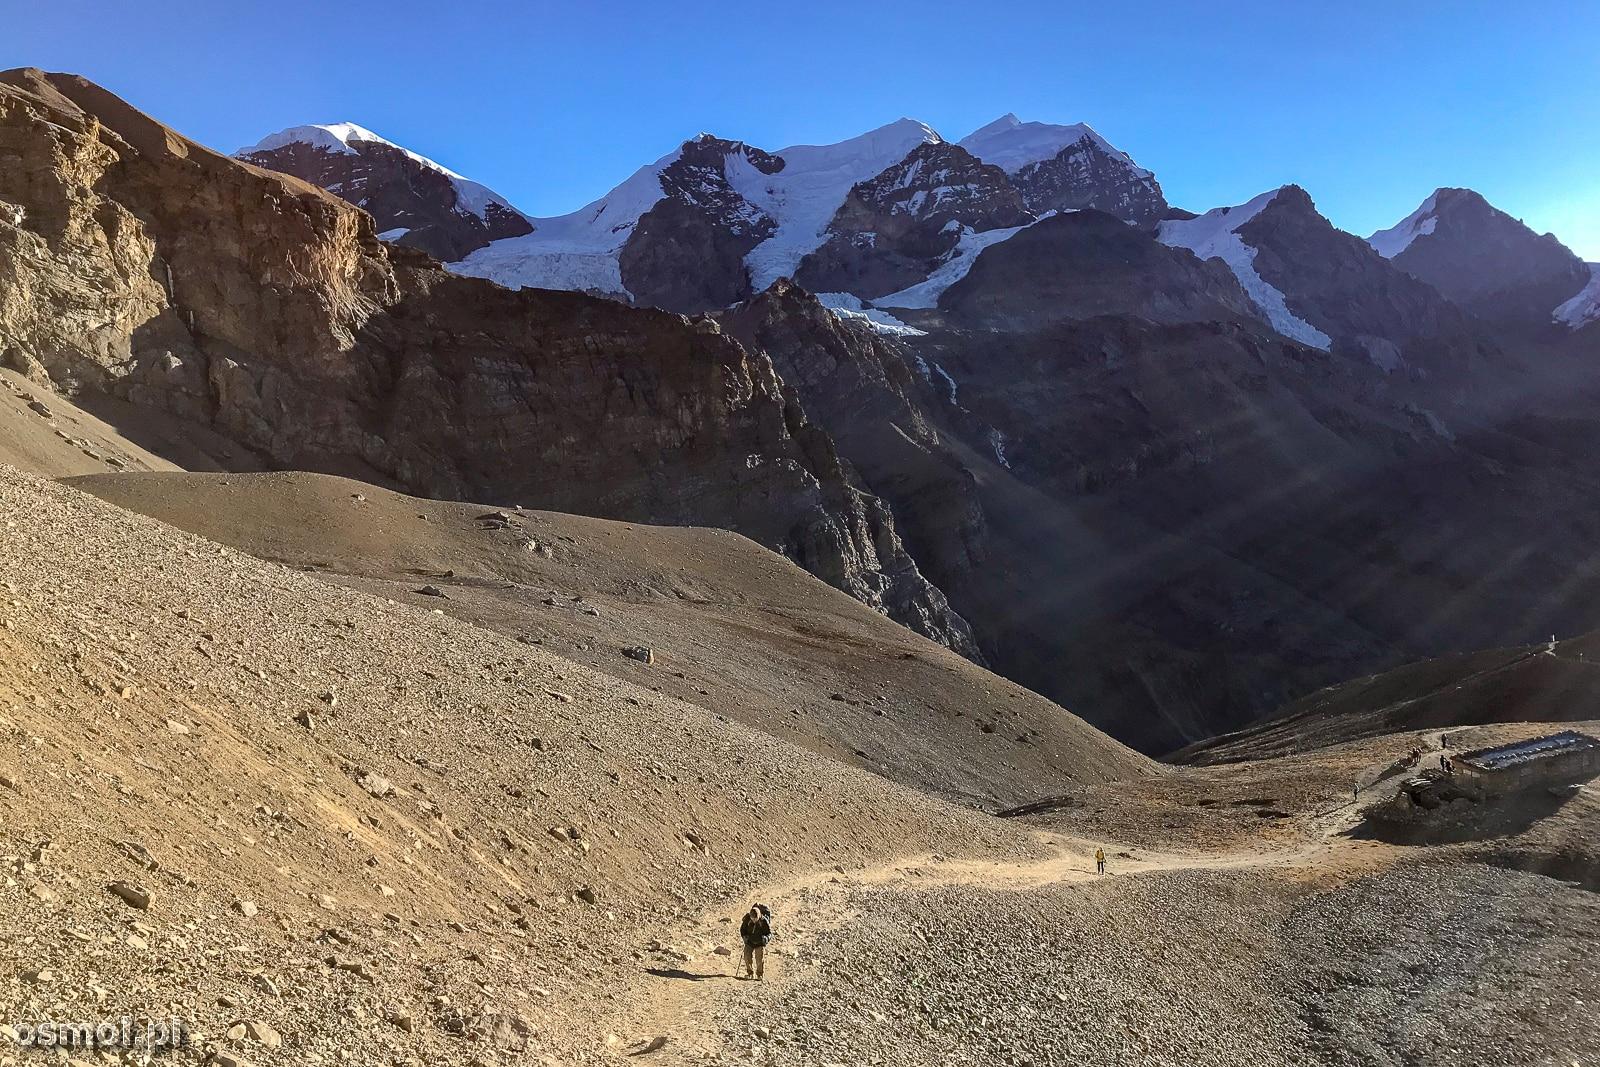 Poranek w drodze do Thorong La na szlaku dookoła Annapurny